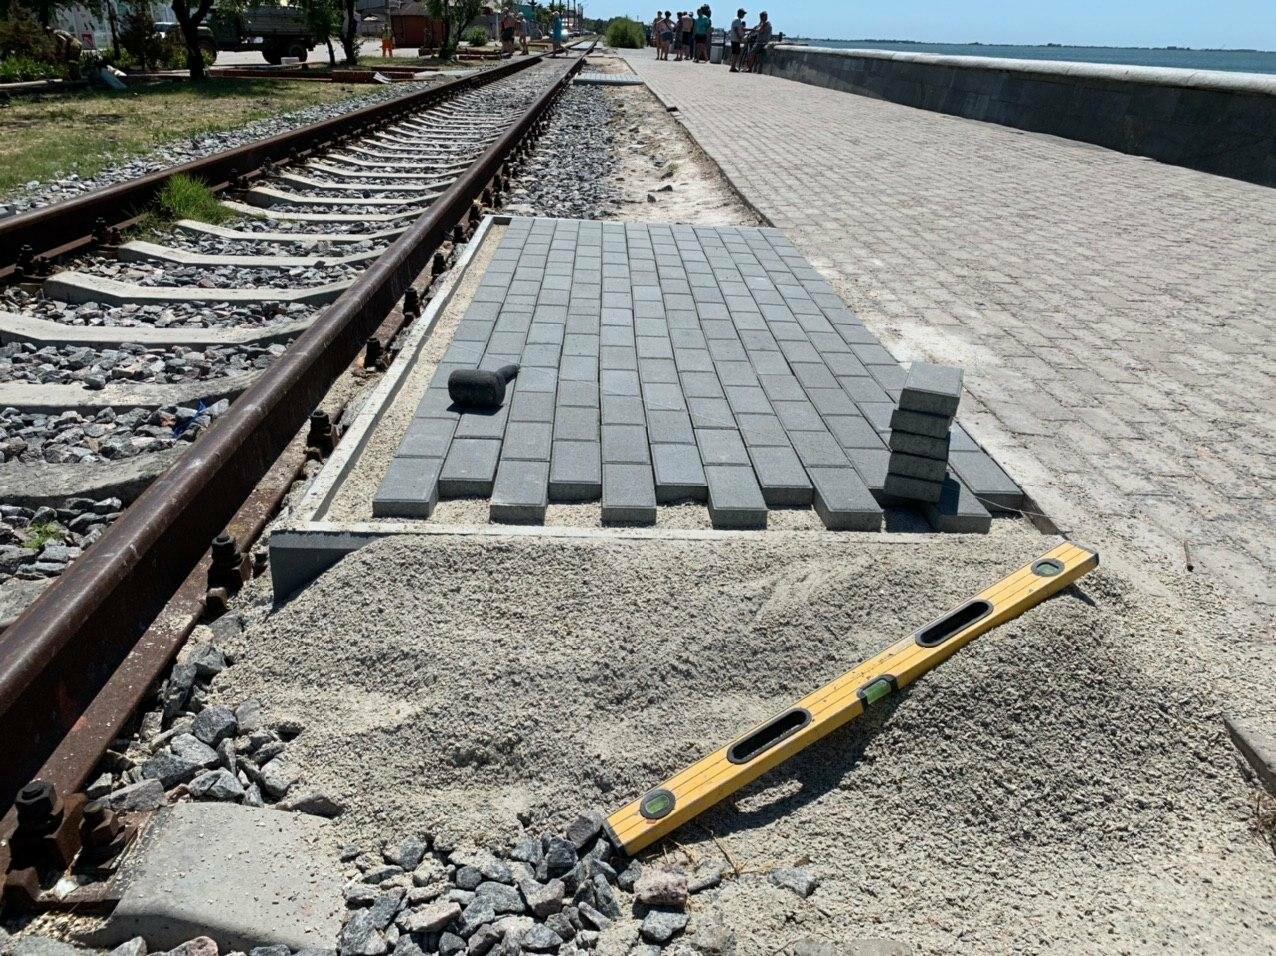 На набережной Бердянска стартовали работы по укладке пешеходных переходов через рельсы, - ФОТО, фото-5